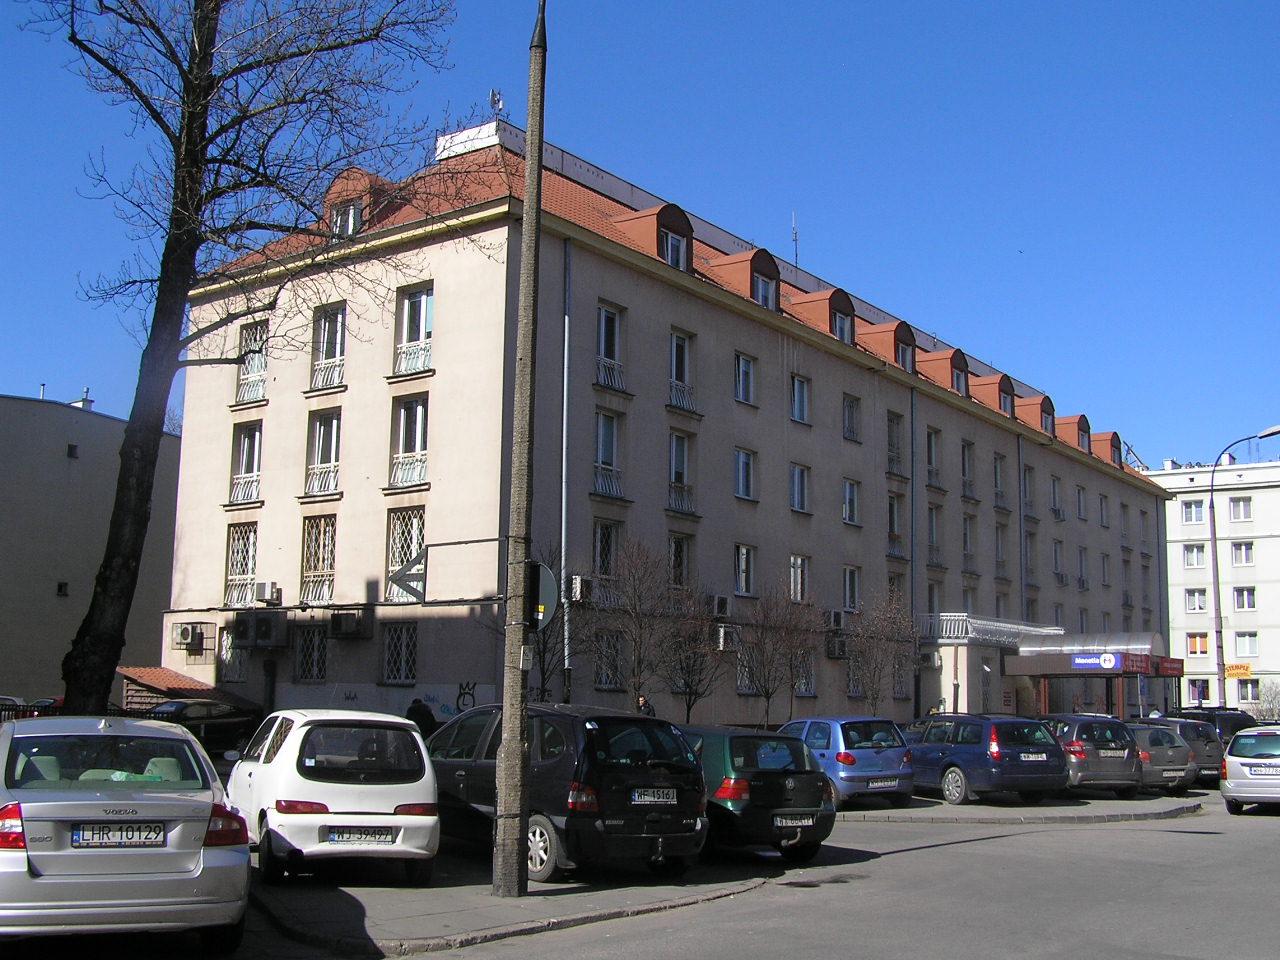 Budynek przy ulicy Mycielskiego 21 na Grochowie